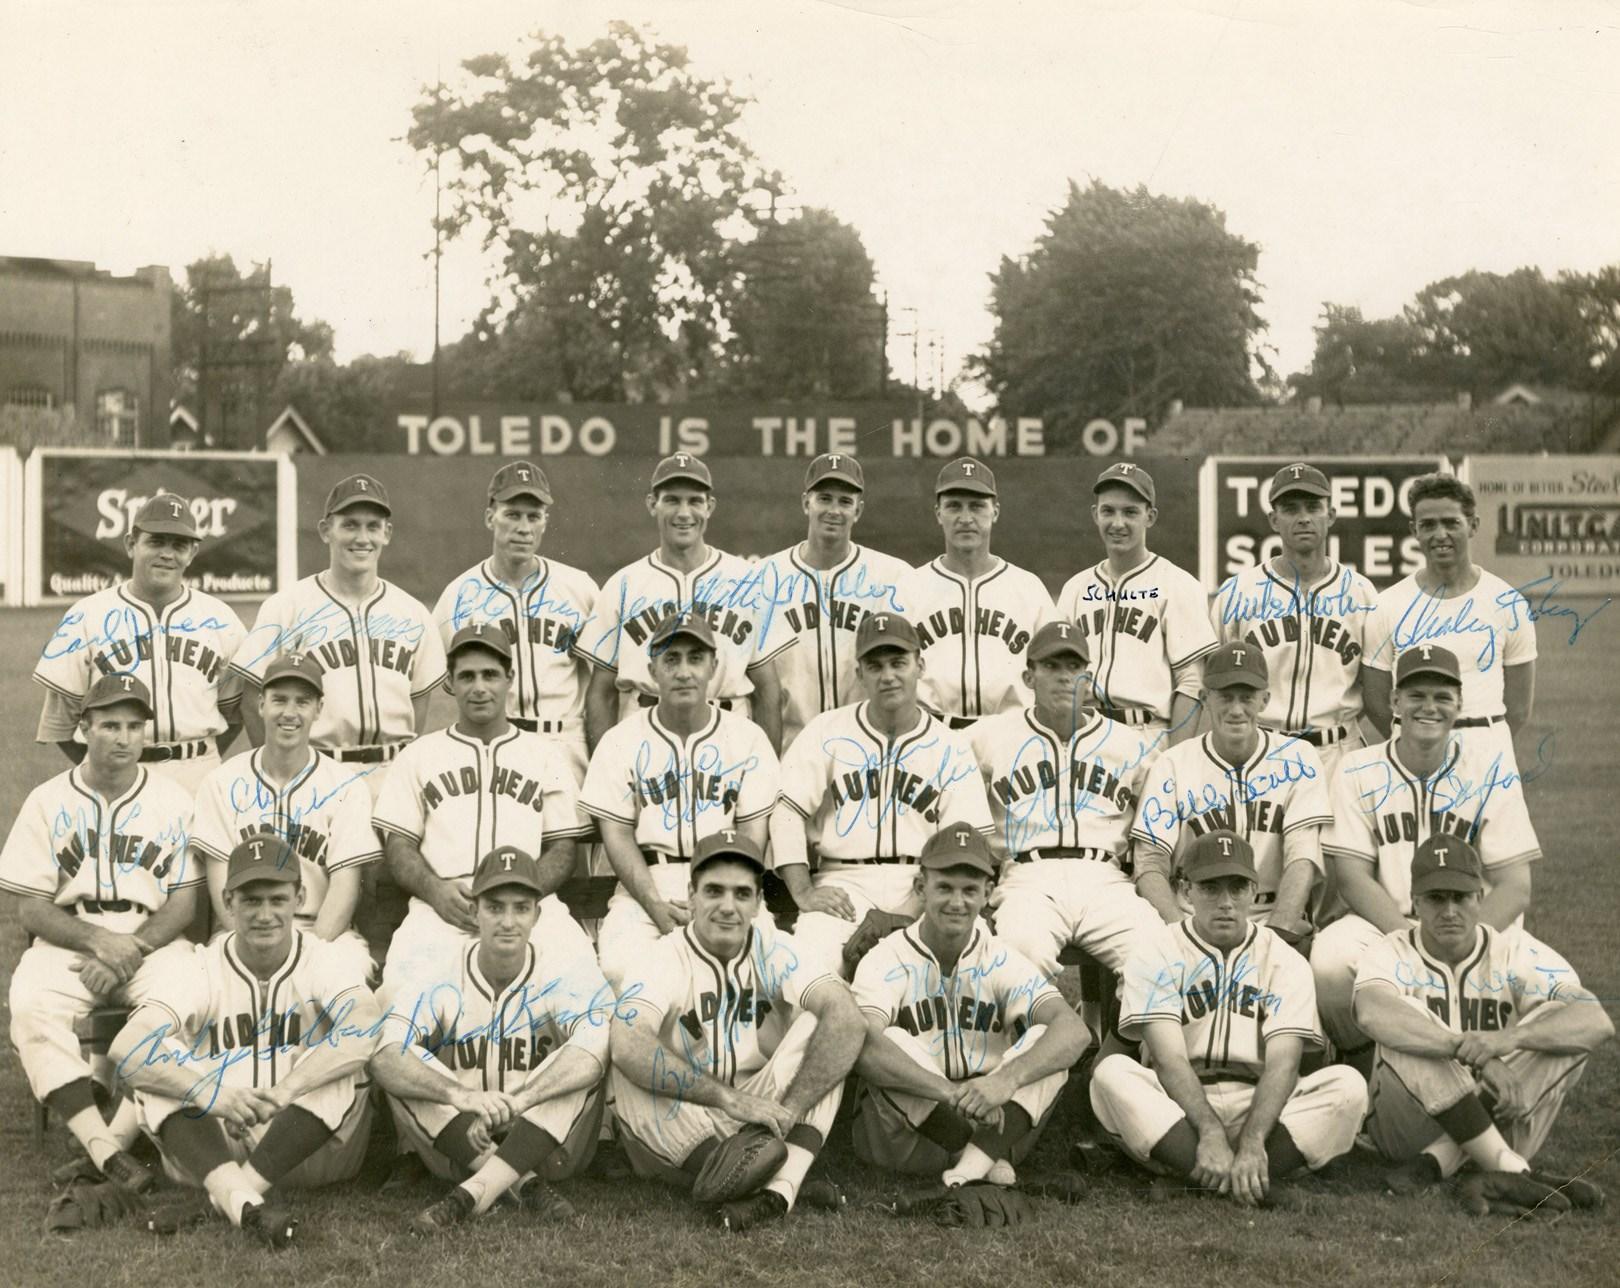 St. Louis Cardinals - Leland's Classic